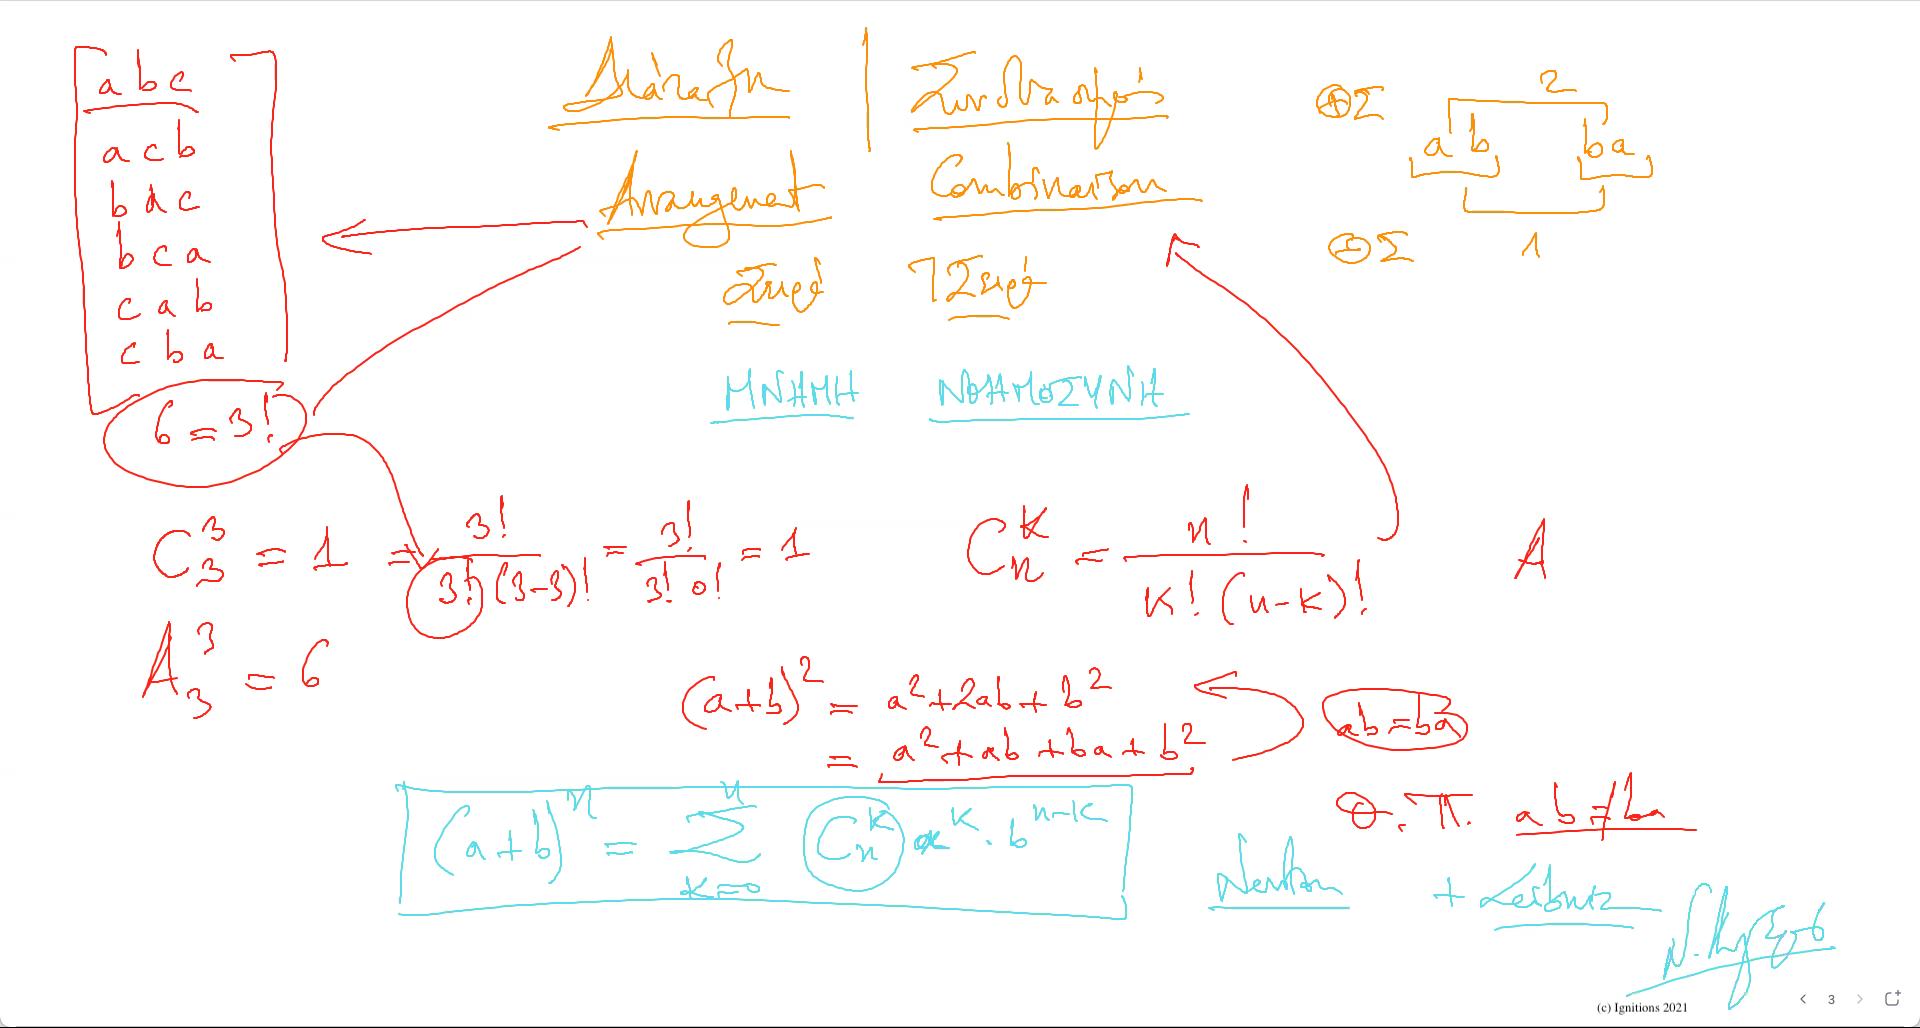 57813 - e-Μάθημα I:Διατάξεις,συνδυασμοί και ταξινόμησηDewey. (Dessin)